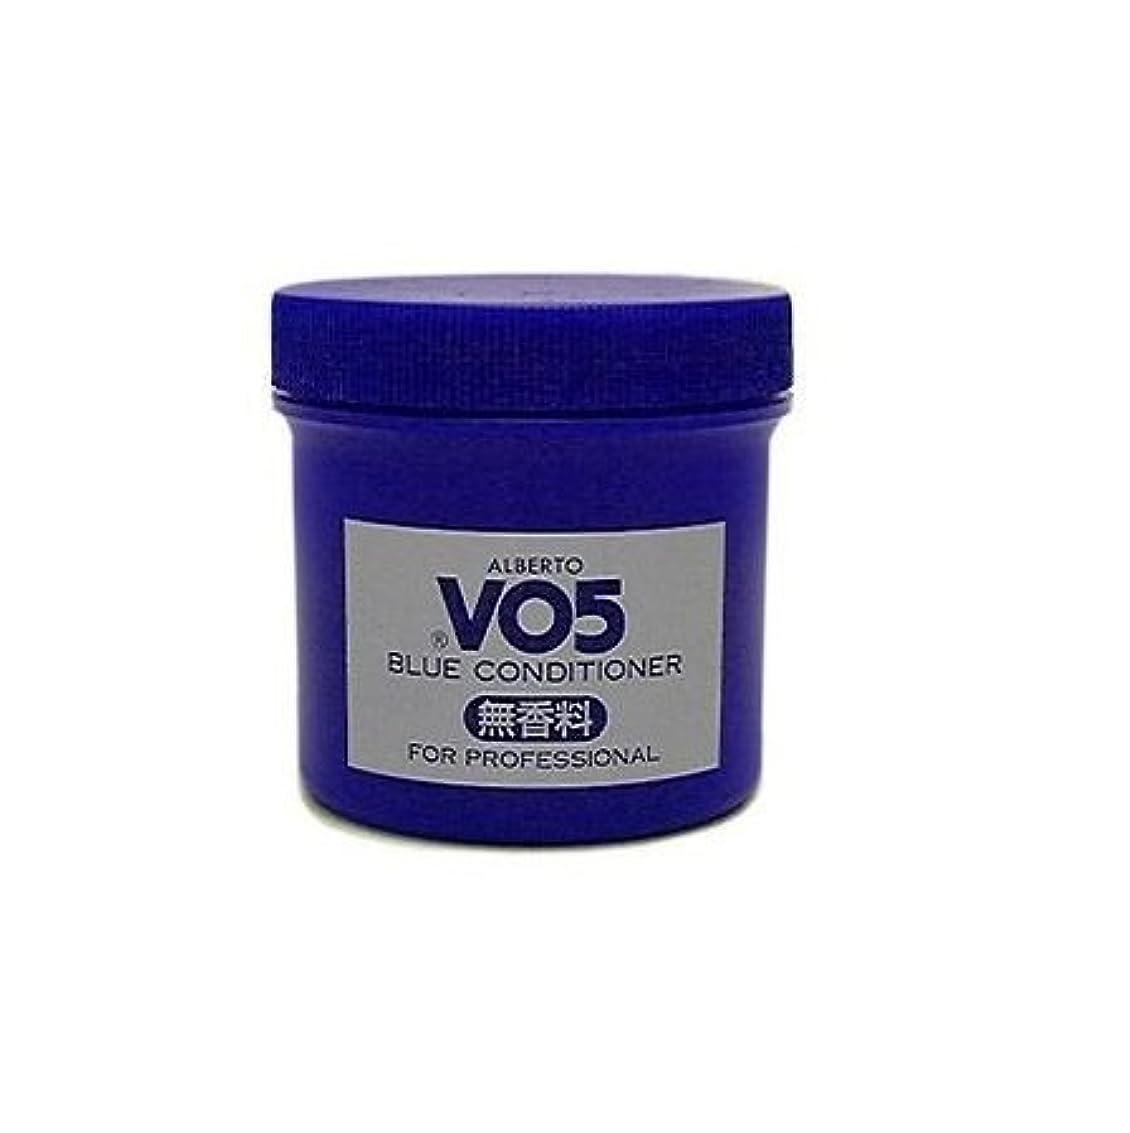 アルバートVO5コンソート ブルーコンディショナー 無香料<整髪料>250g